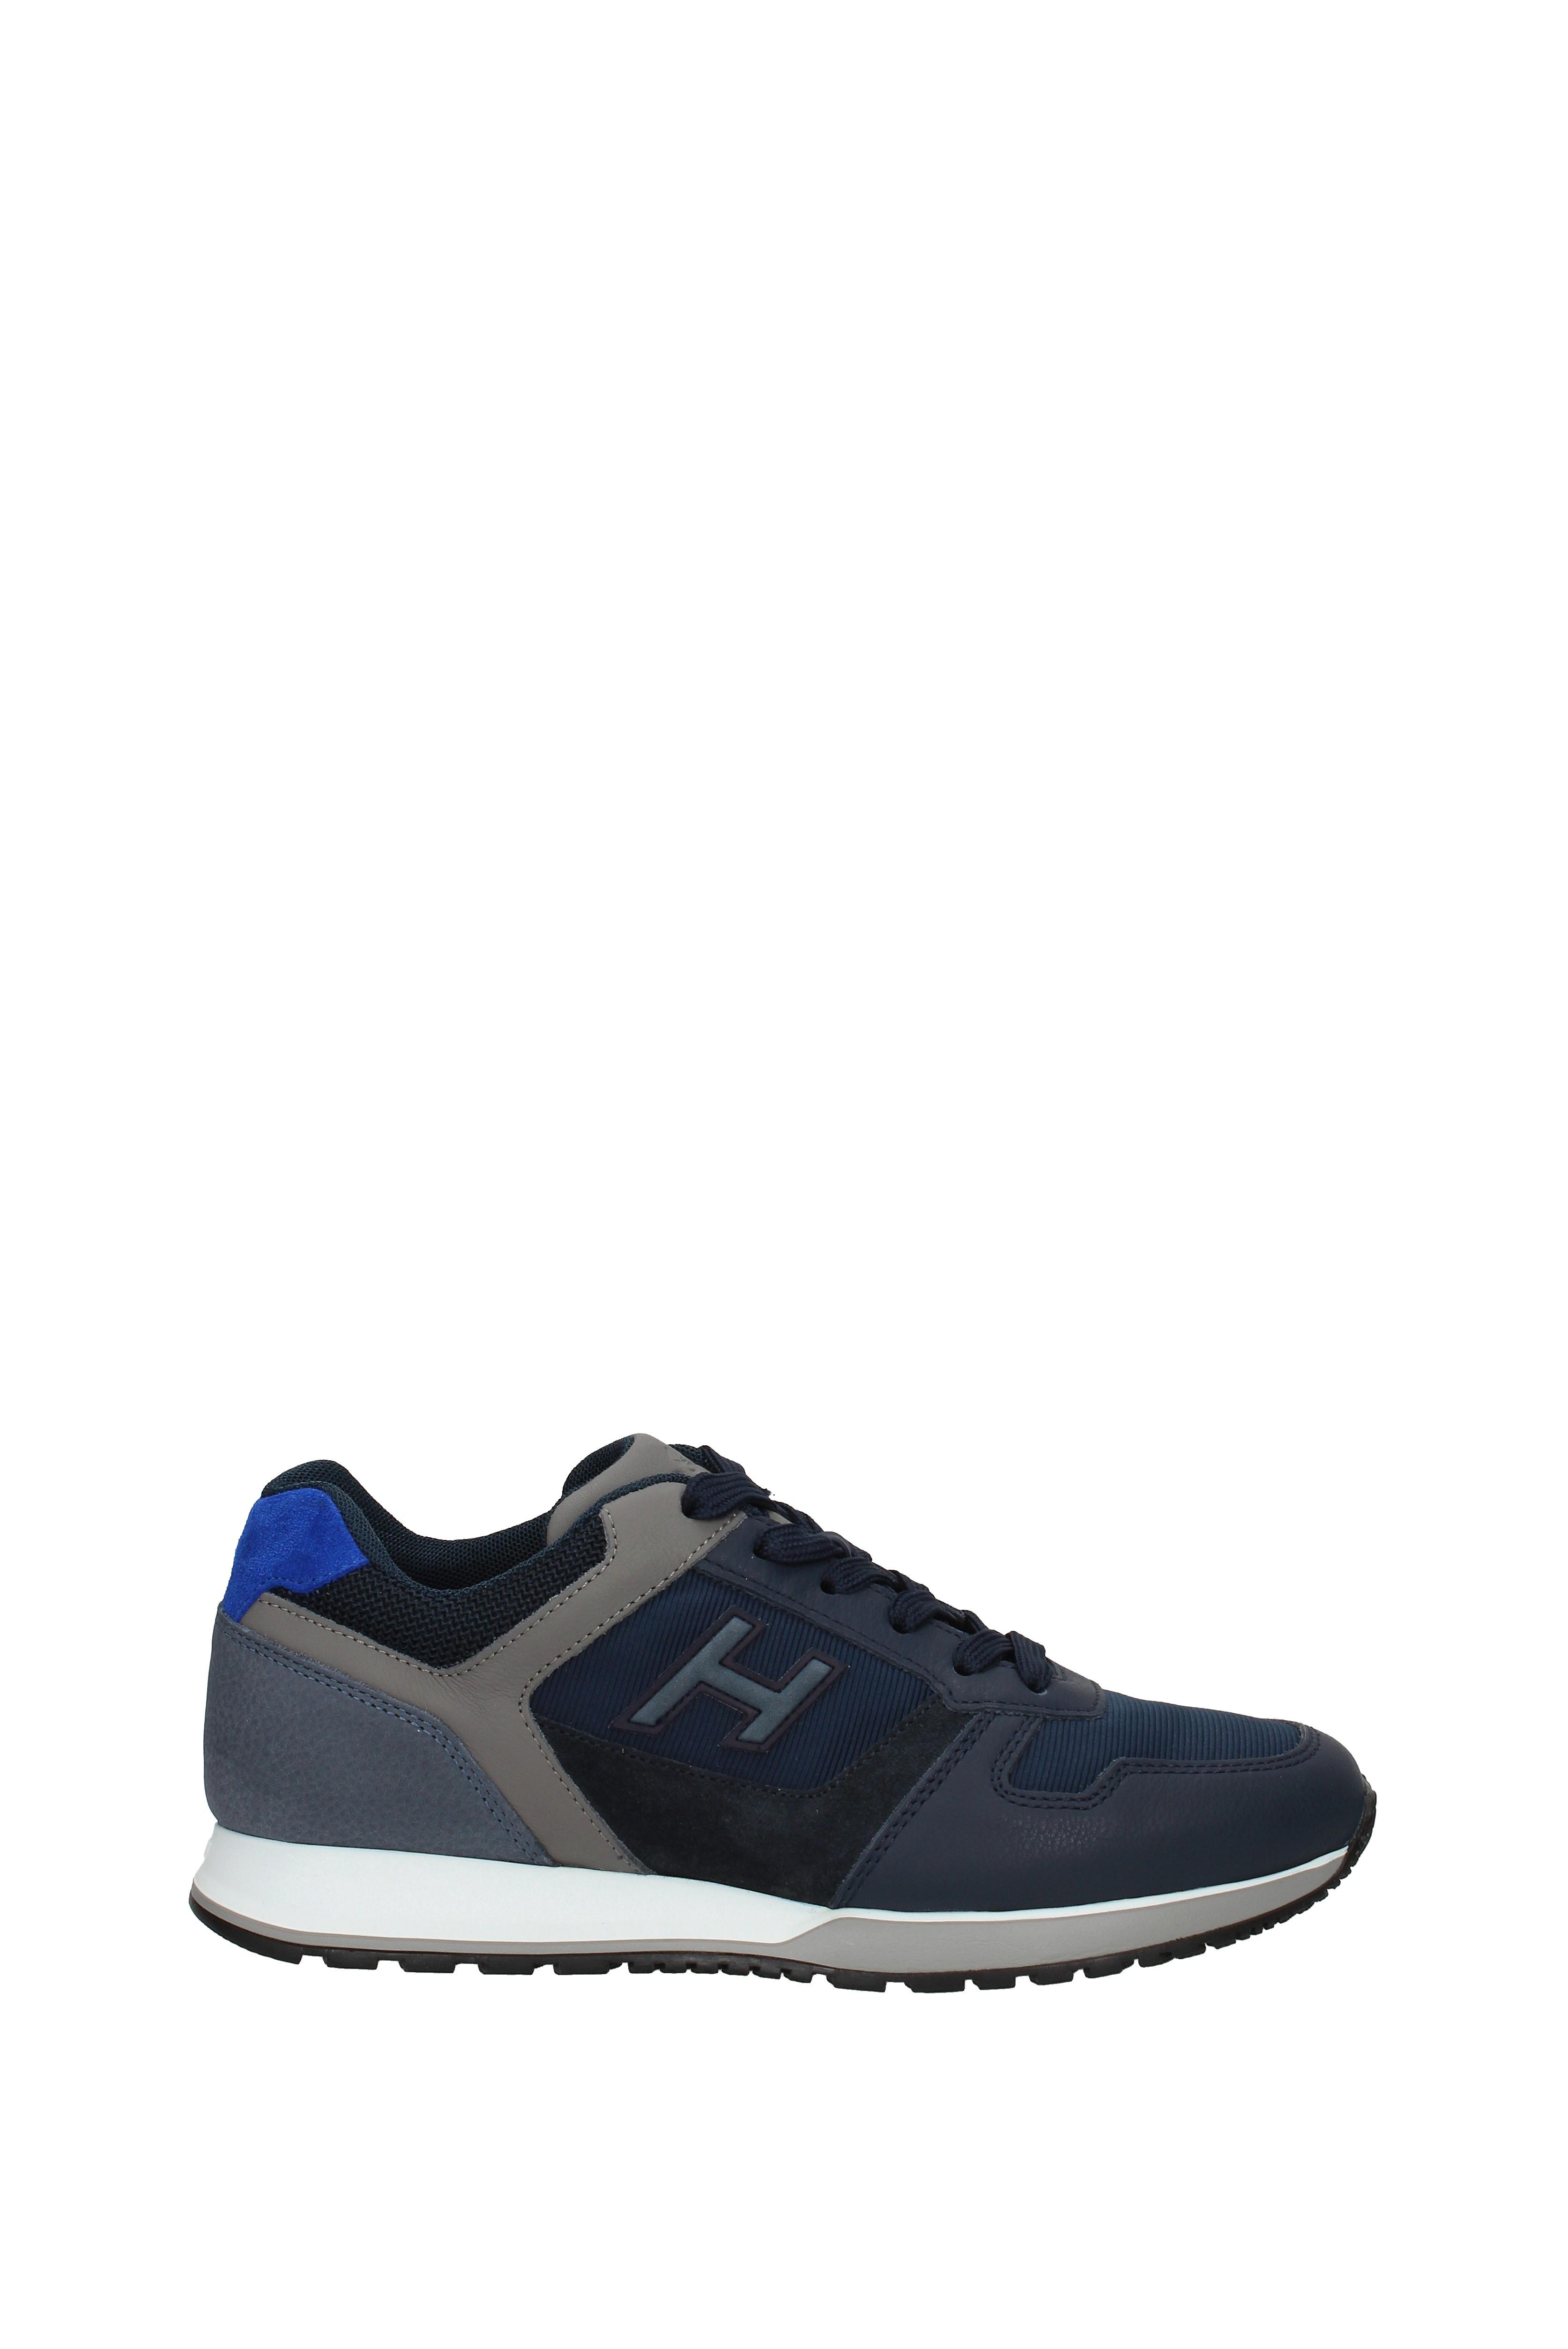 Sneakers Uomo Hogan Uomo Sneakers - Pelle (HXM3210Y860JBV) 7ea3e0